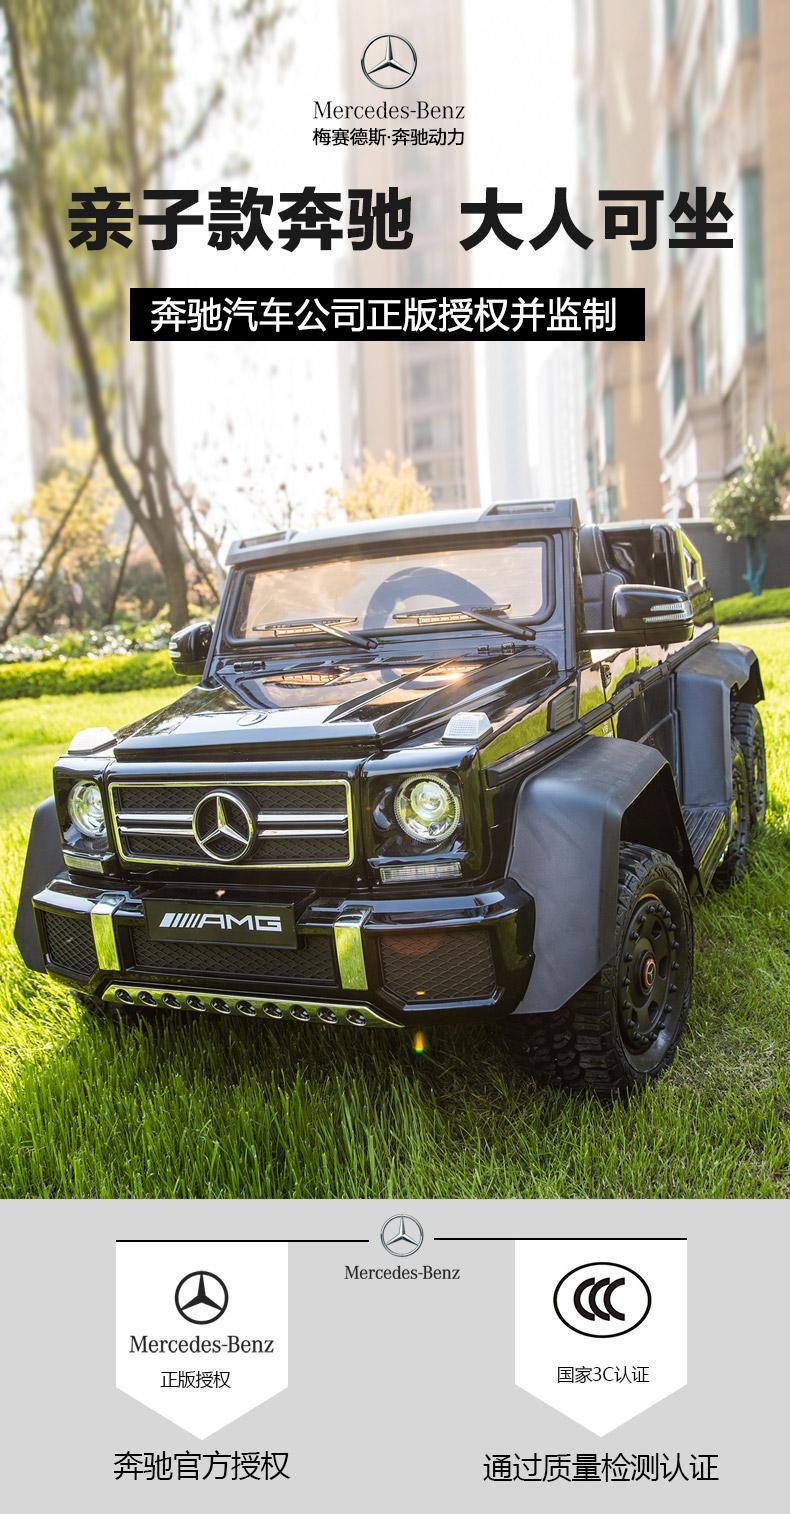 Xe chở đồ chơi lớn Mercedes Benz G cho trẻ em bốn bánh điều khiển từ xa có thể s ử dụng cho người lớ